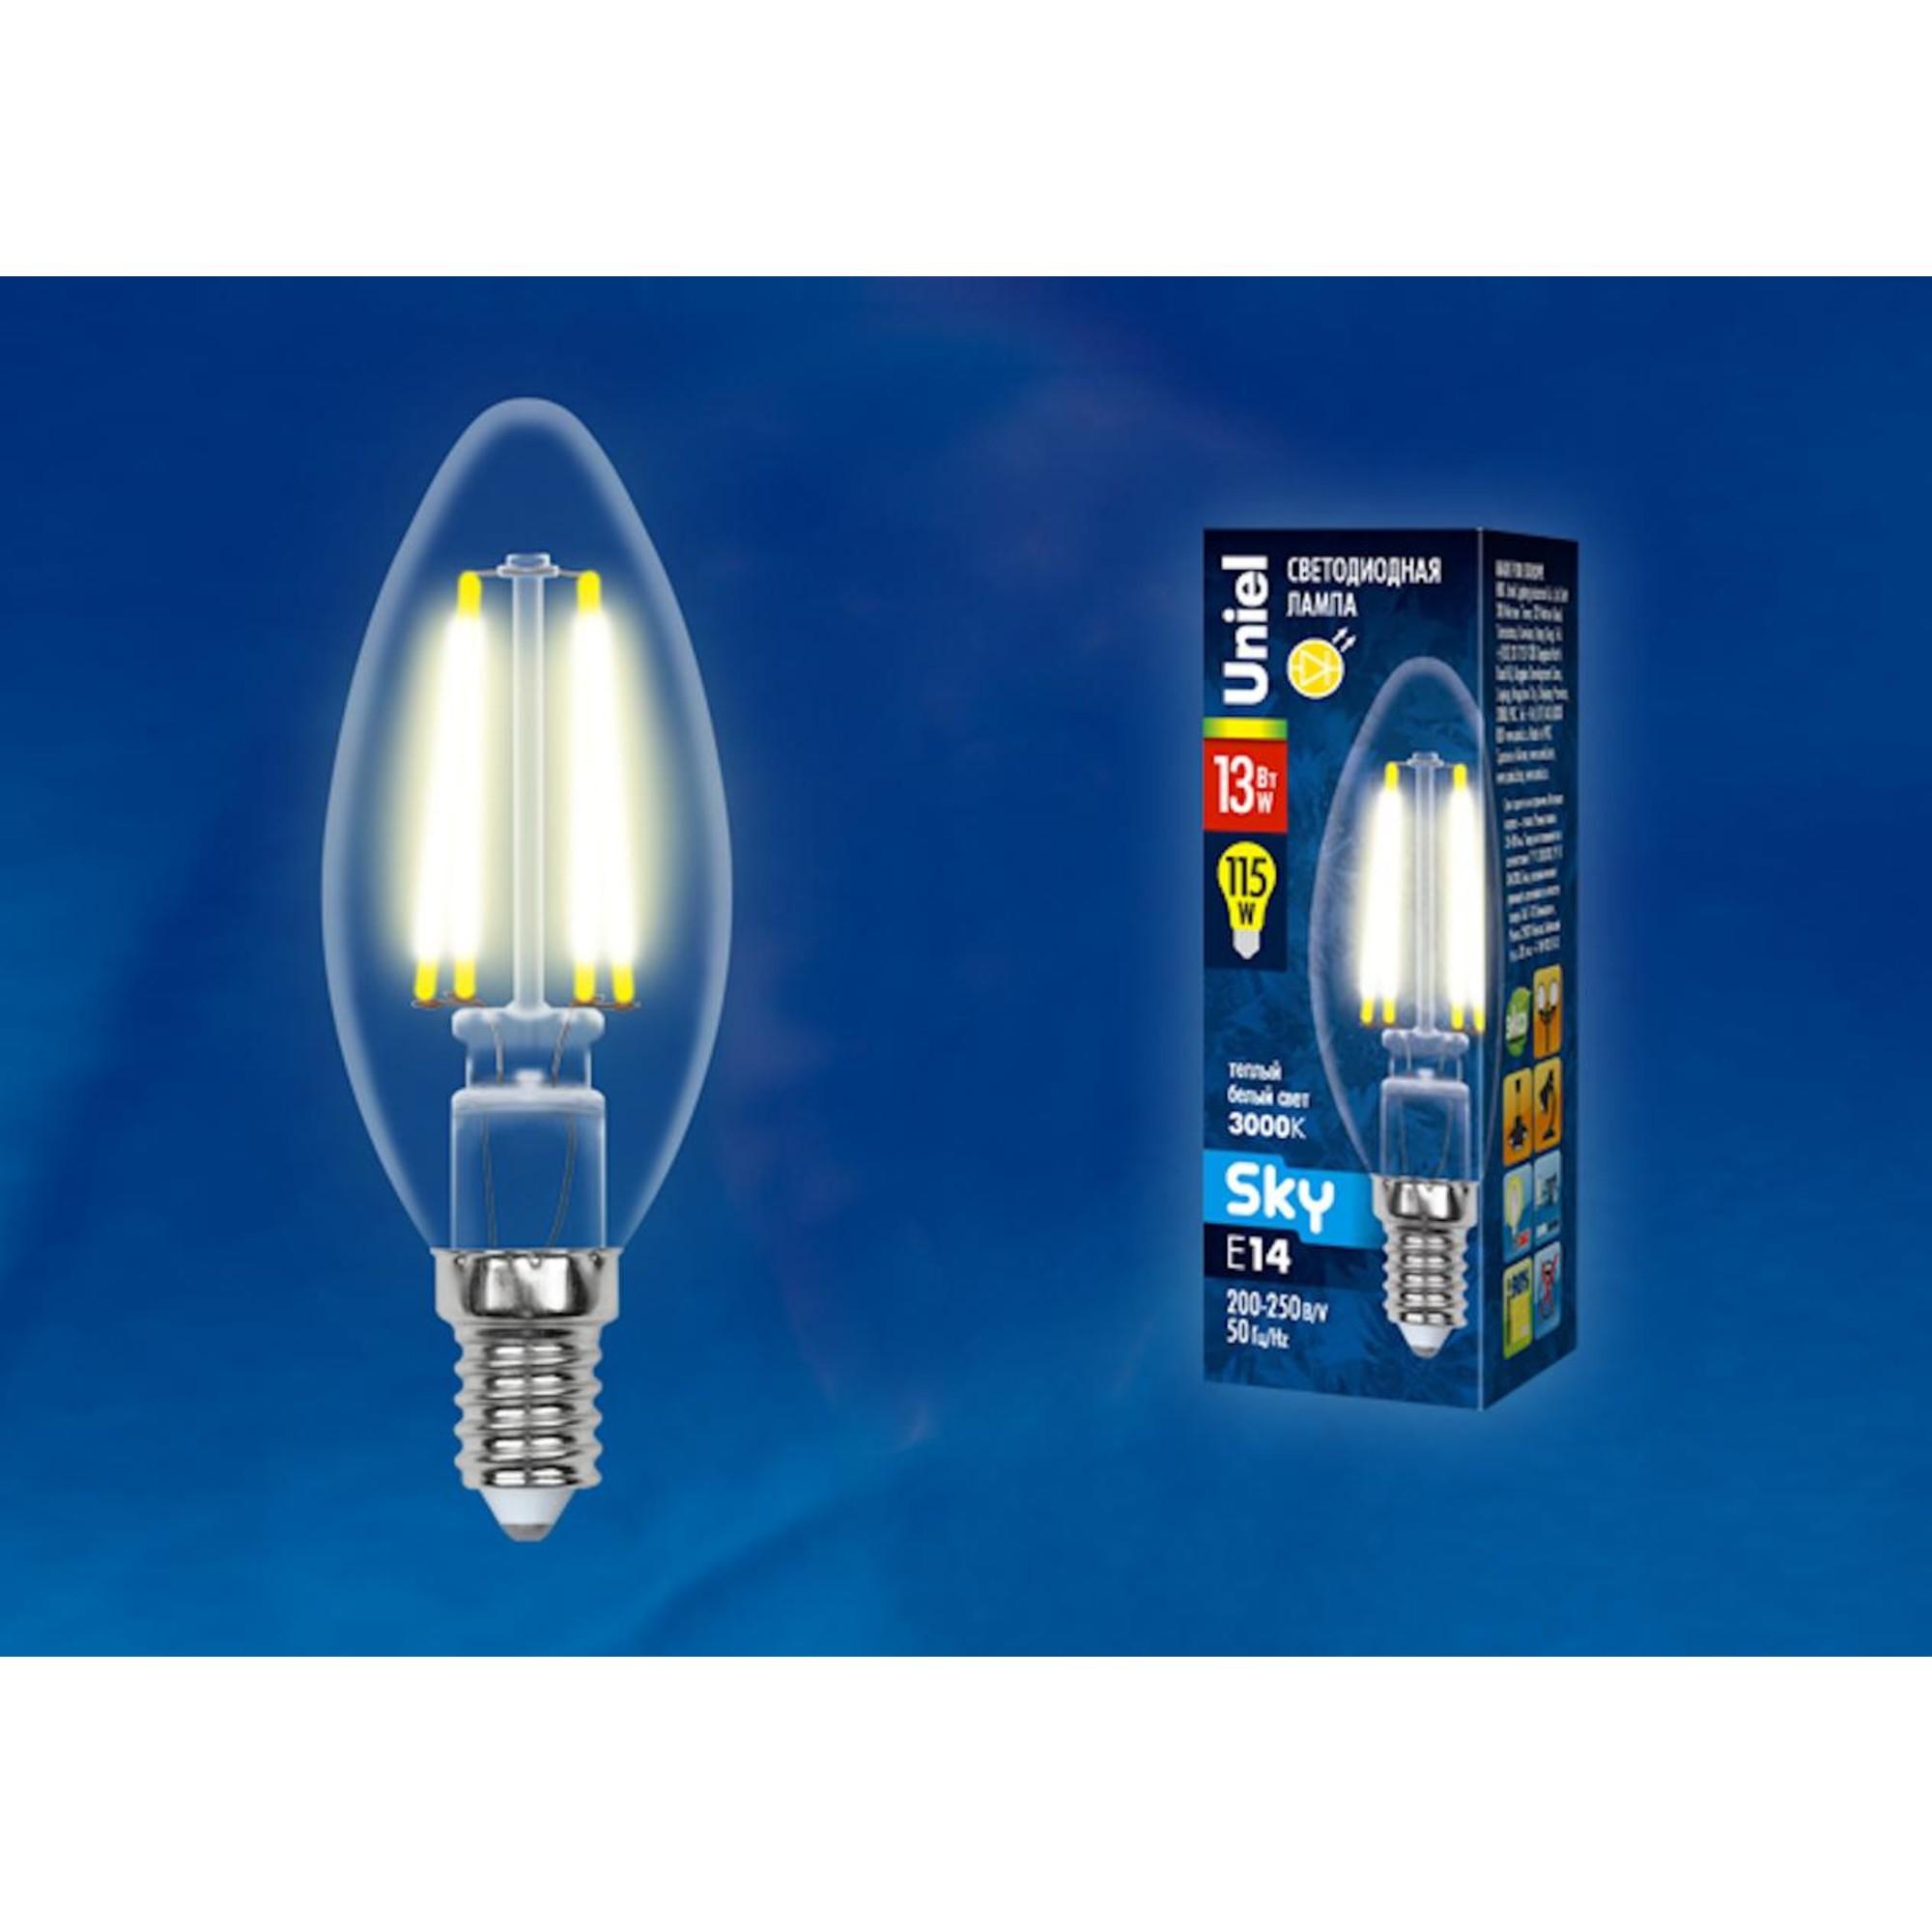 Светодиодная лампочка Uniel UL-00005899 E14 1150 Лм 13 Вт